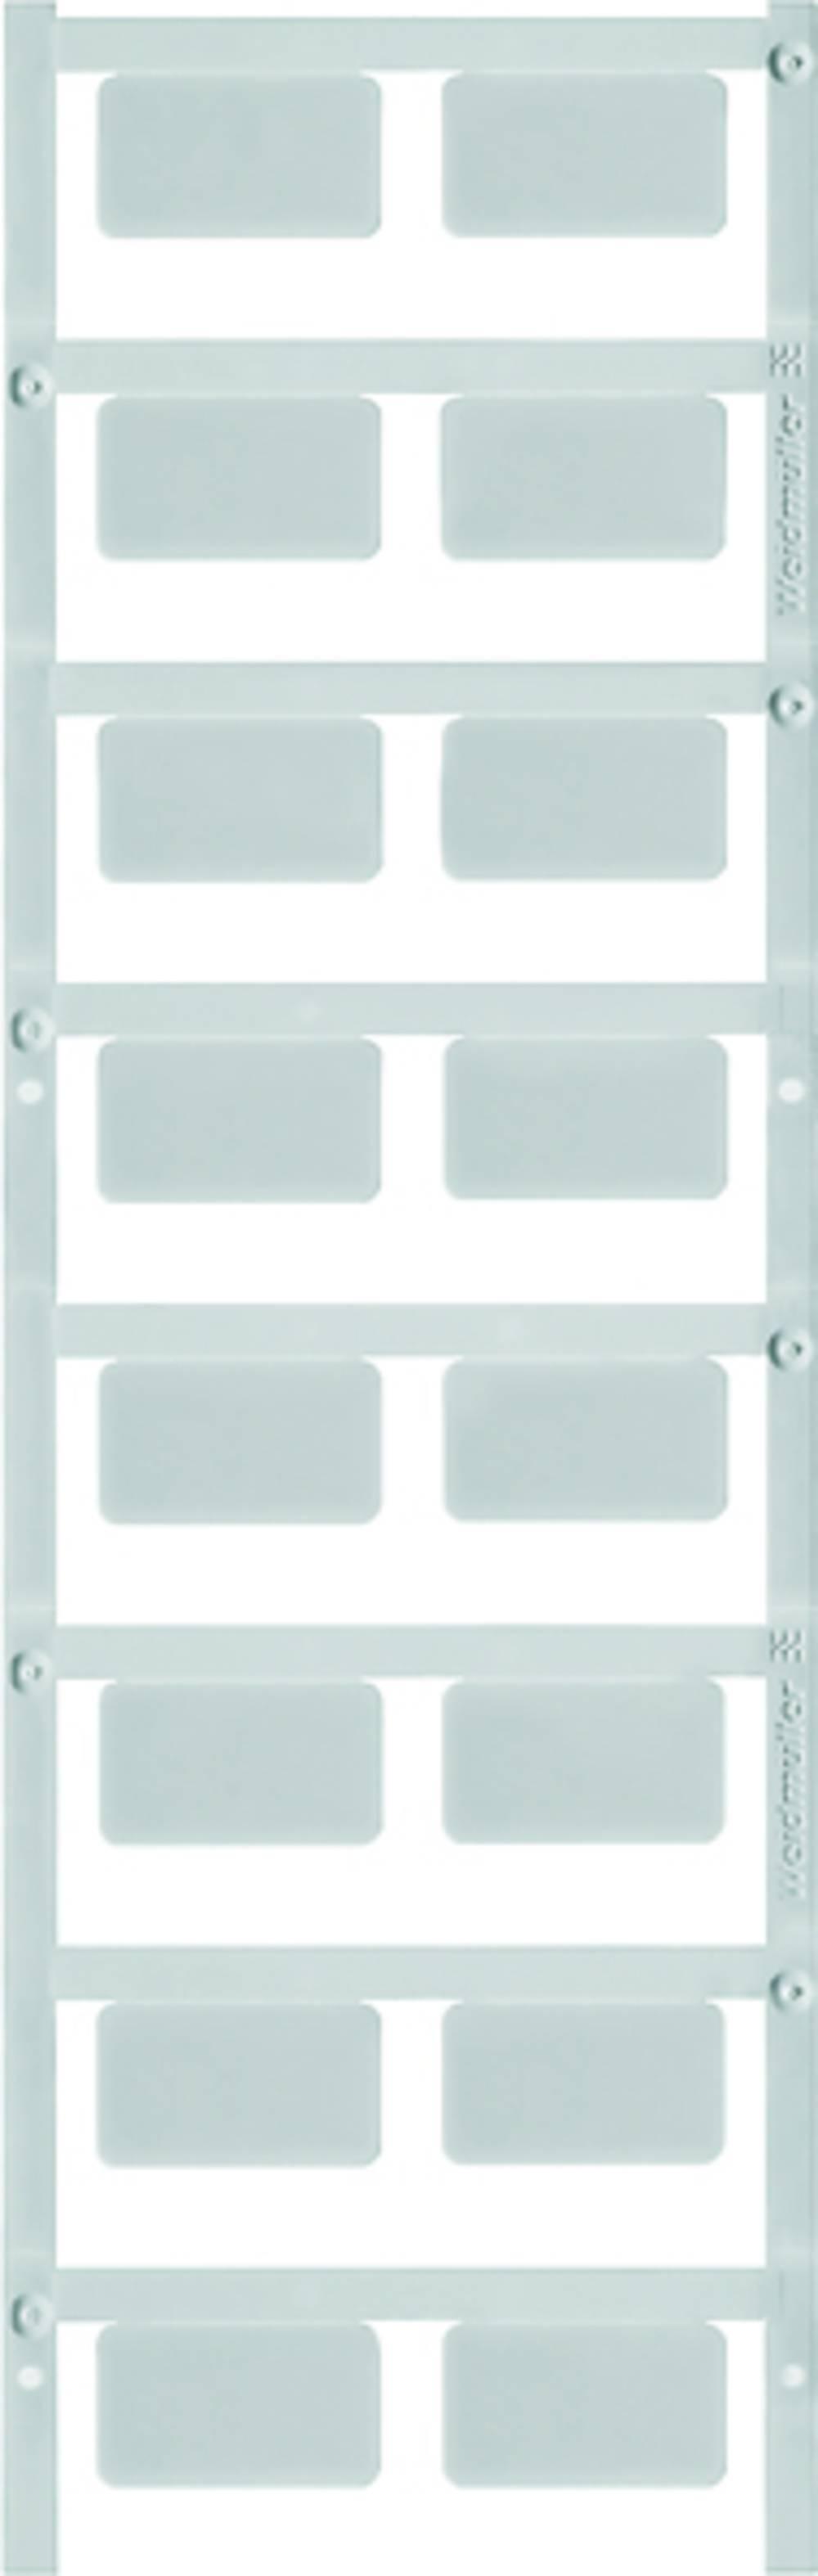 Makering af apparater Weidmüller CC 15/49 K MC NEUTR. WS 1877220000 40 stk Antal markører 40 Hvid